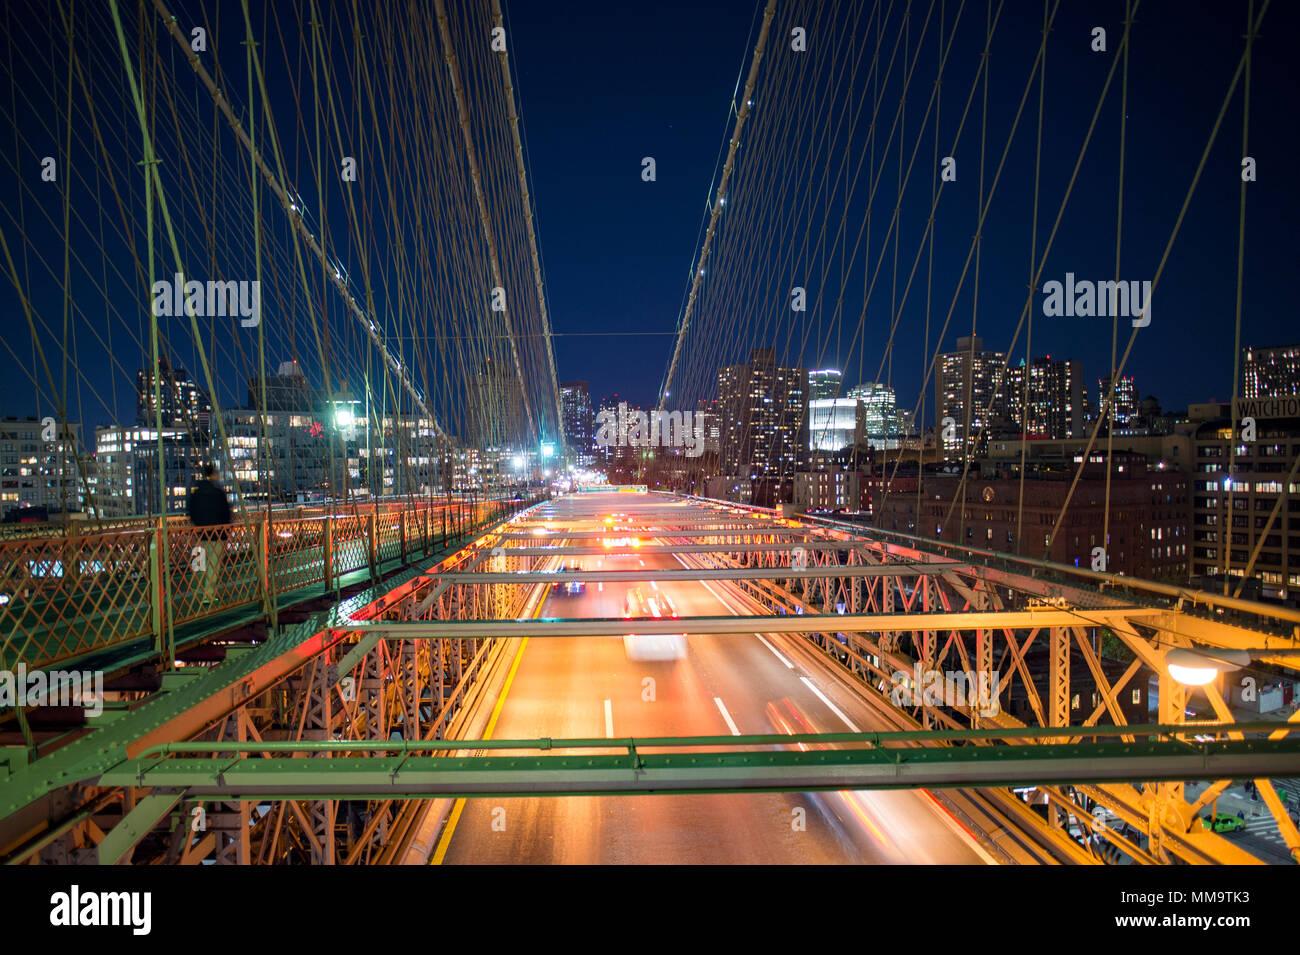 Une longue exposition photo des voitures passant sur le pont de Brooklyn, illuminé la nuit. Manhattan skyline en arrière-plan, la ville de New York, USA. Photo Stock